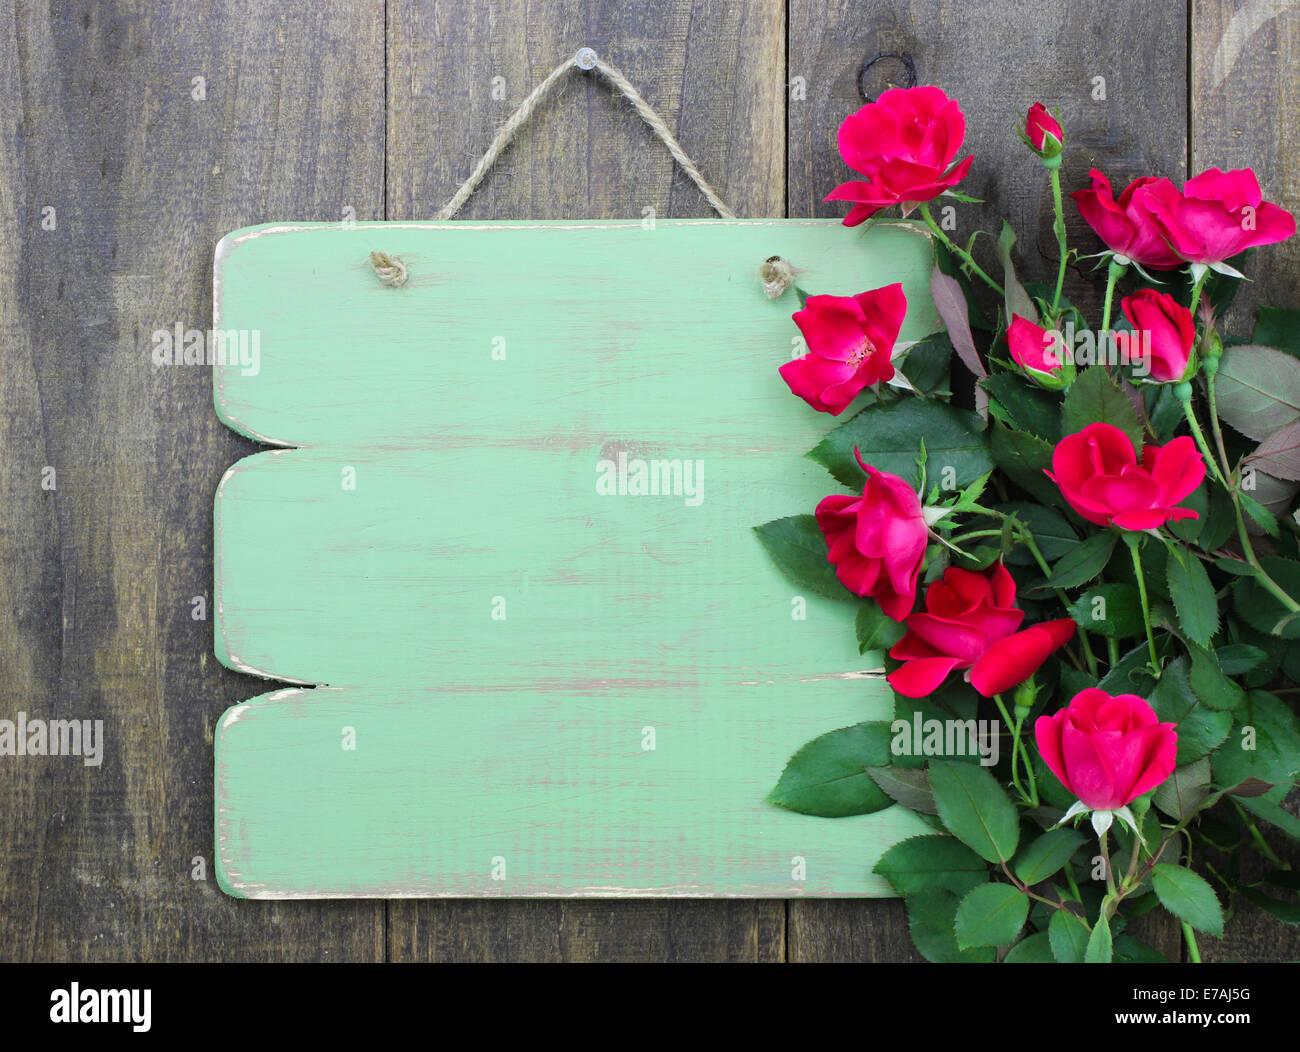 Addolorato vuoto segno verde con bordo di fiori di rose rosse appese su legno rustico sfondo Foto Stock